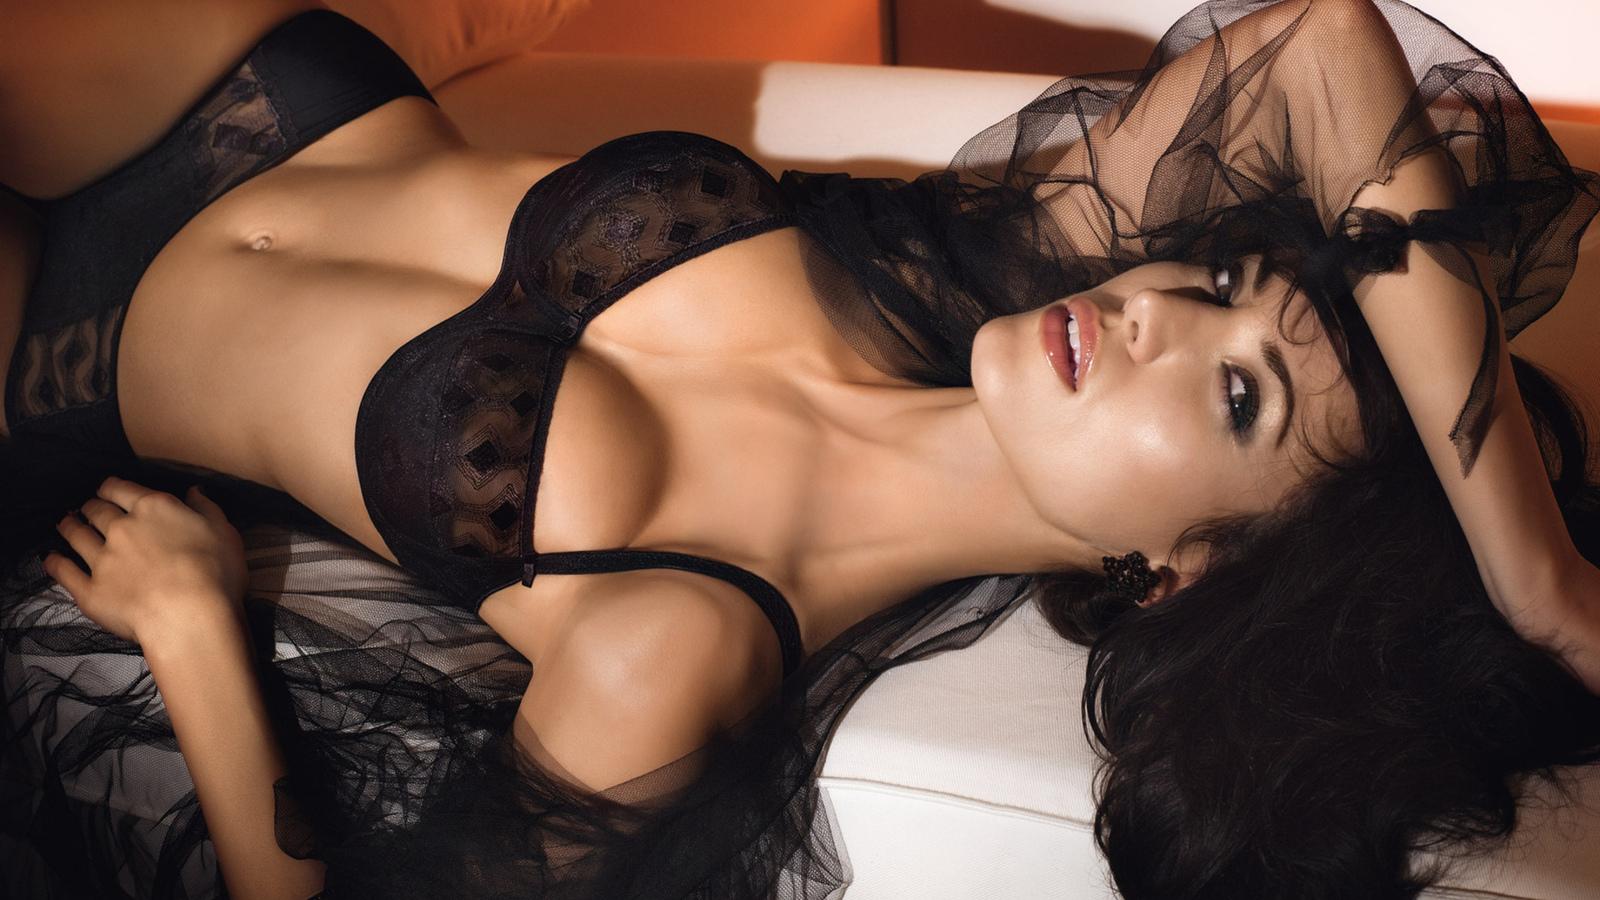 Эротические фото женщин с большой грудью в кружевном белье 25 фотография